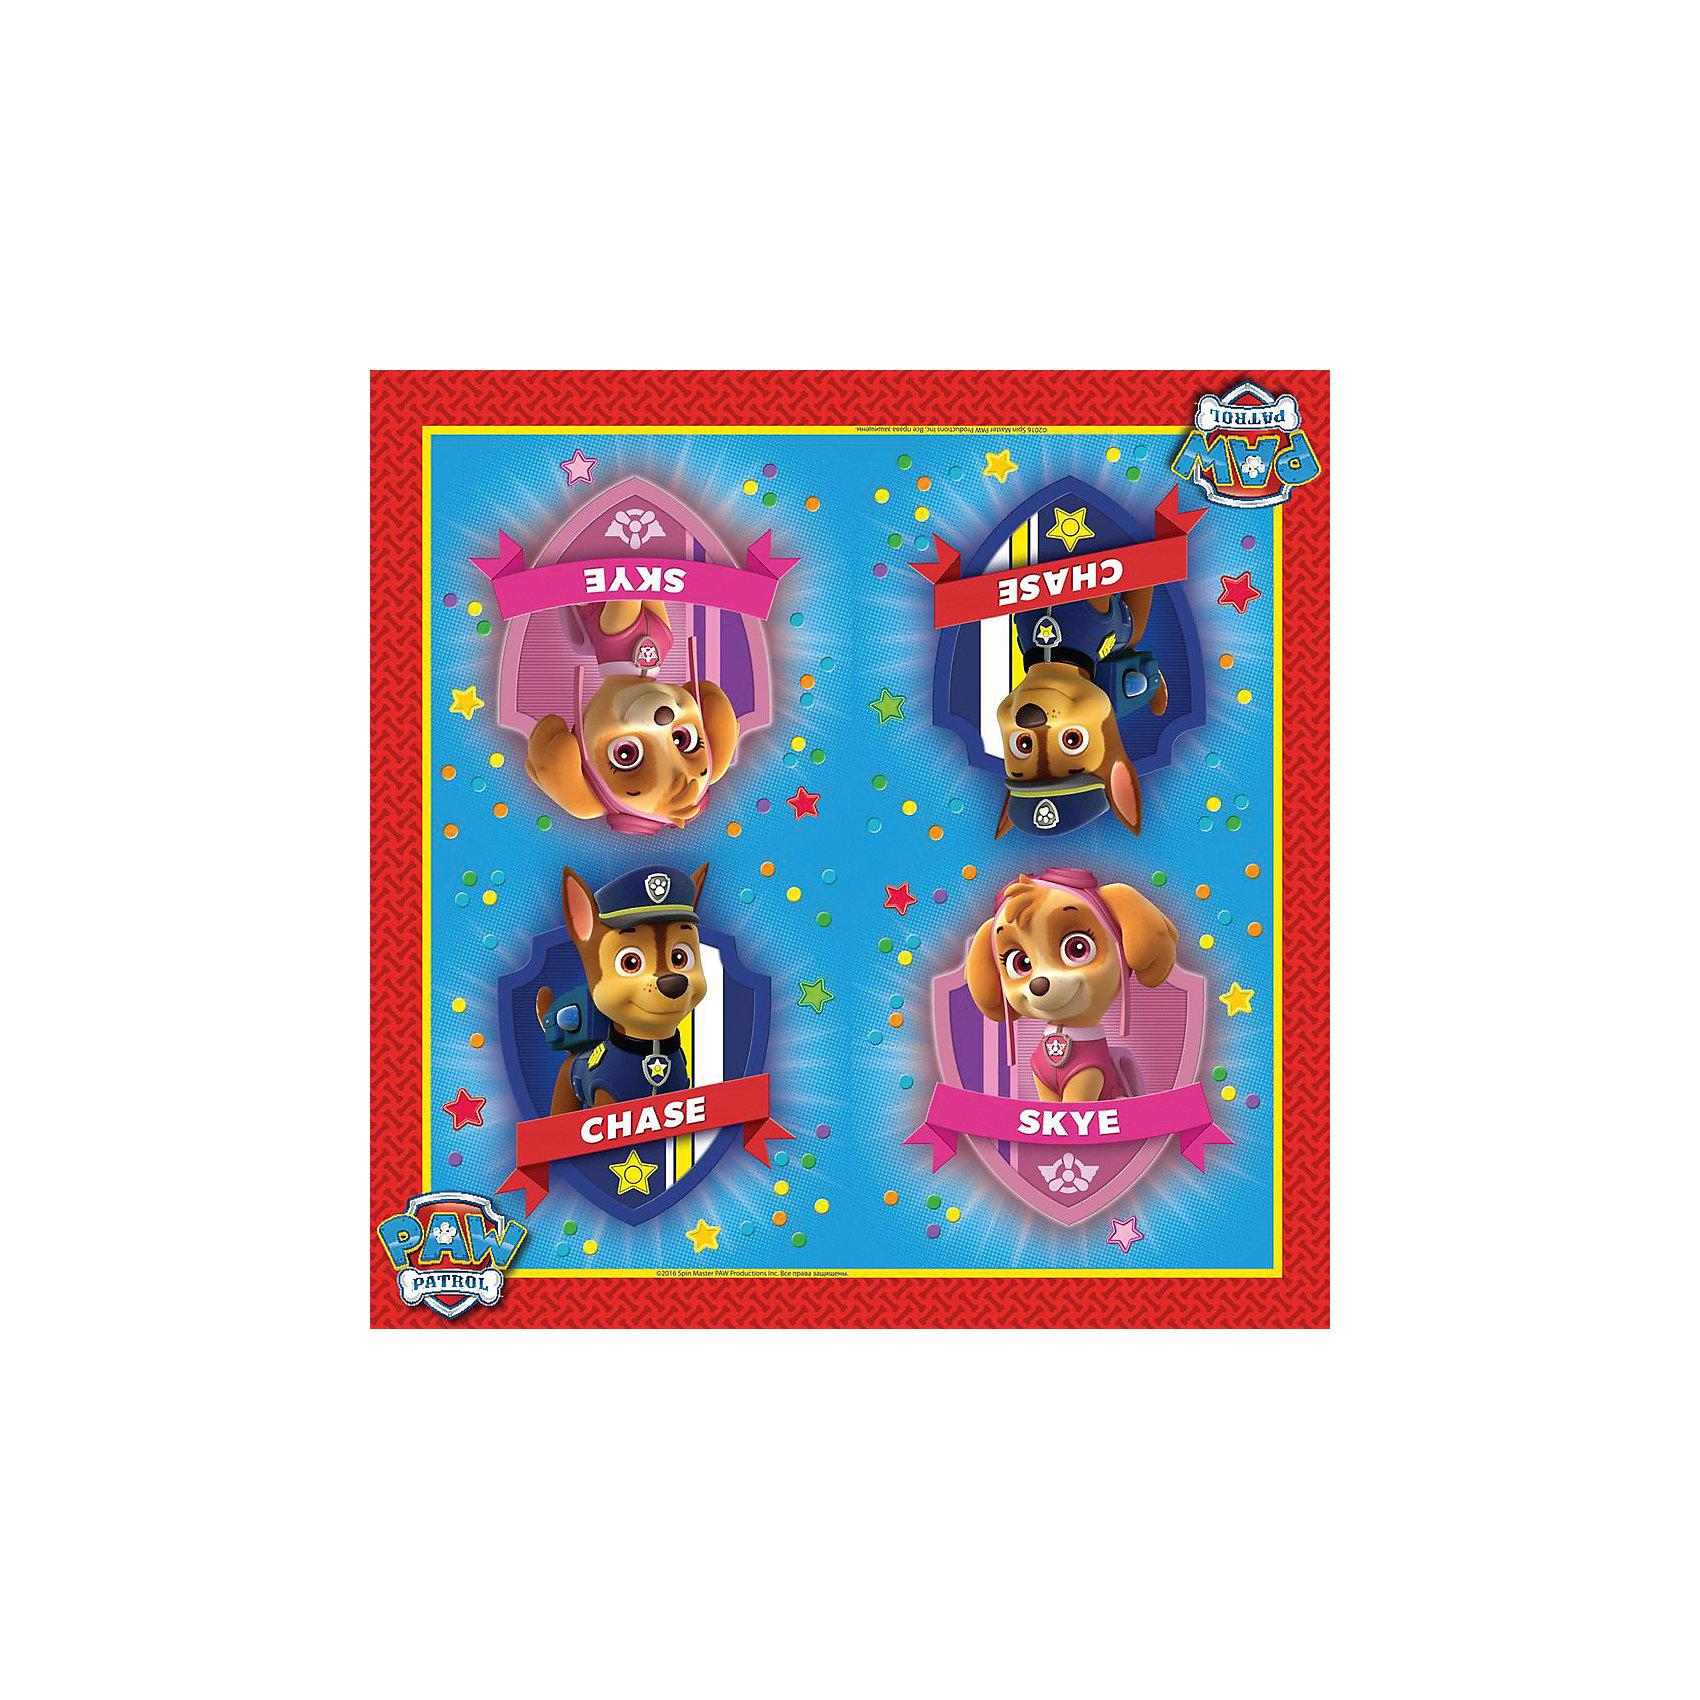 Салфетки 33*33 см, 20 шт., Щенячий патрульВсё для праздника<br>Обучать правилам этикета за столом следует с самого детства. И специально для того, чтобы усваивать суровые нормы поведения было не скучно, а весело и увлекательно, для деток создан набор красочных салфеток с героями мультфильма Щенячий патруль. Яркие и качественные салфетки пригодятся для повседневного использования, а также эффектно украсят праздничный стол во время детского праздника.&#13;<br>В наборе Щенячий патруль 20 бумажных двухслойных салфеток, декорированных ярким, привлекательным принтом. Размер: 33х33 см. Плотность: 18 gsm. Товар сертифицирован. А чтобы украсить детский праздник в единой стилистике, вы также можете выбрать другие товары из данной серии: стаканы, тарелки, язычки, колпаки, маски, приглашение в конверте, скатерть, маски, пакеты, свечи и др.<br><br>Ширина мм: 165<br>Глубина мм: 165<br>Высота мм: 90<br>Вес г: 80<br>Возраст от месяцев: 36<br>Возраст до месяцев: 2147483647<br>Пол: Унисекс<br>Возраст: Детский<br>SKU: 5453478